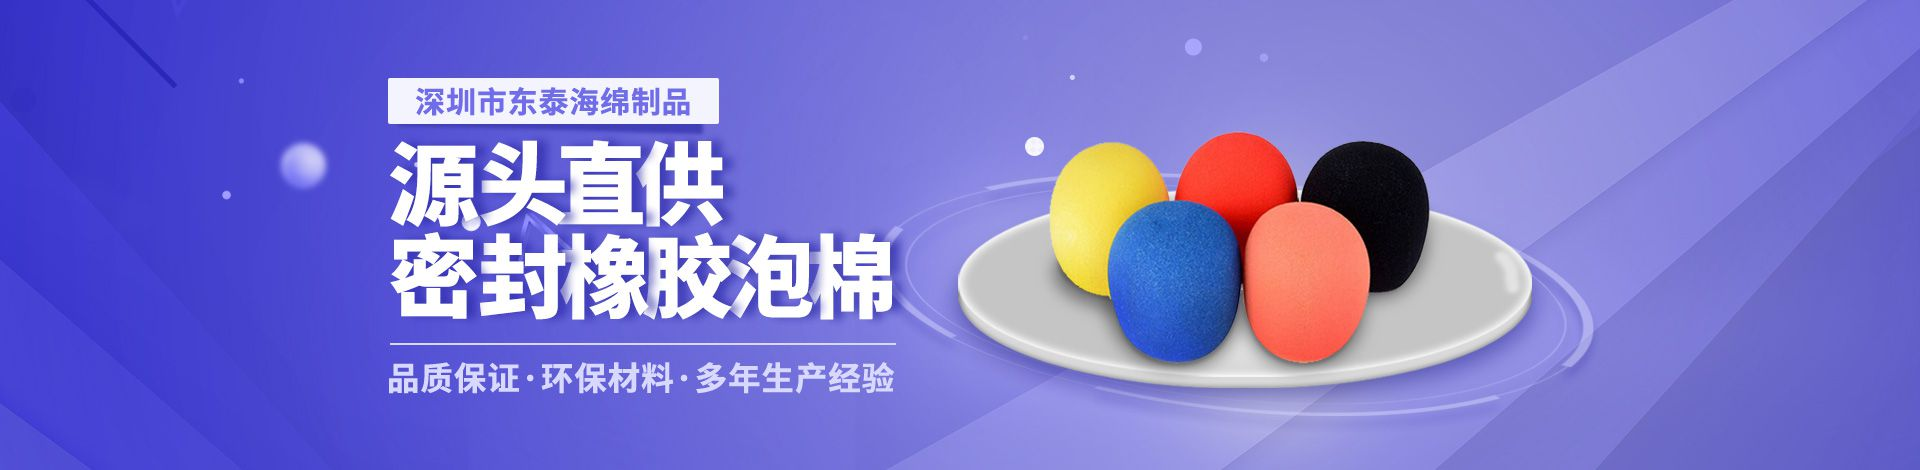 深圳市东泰海绵制品有限公司